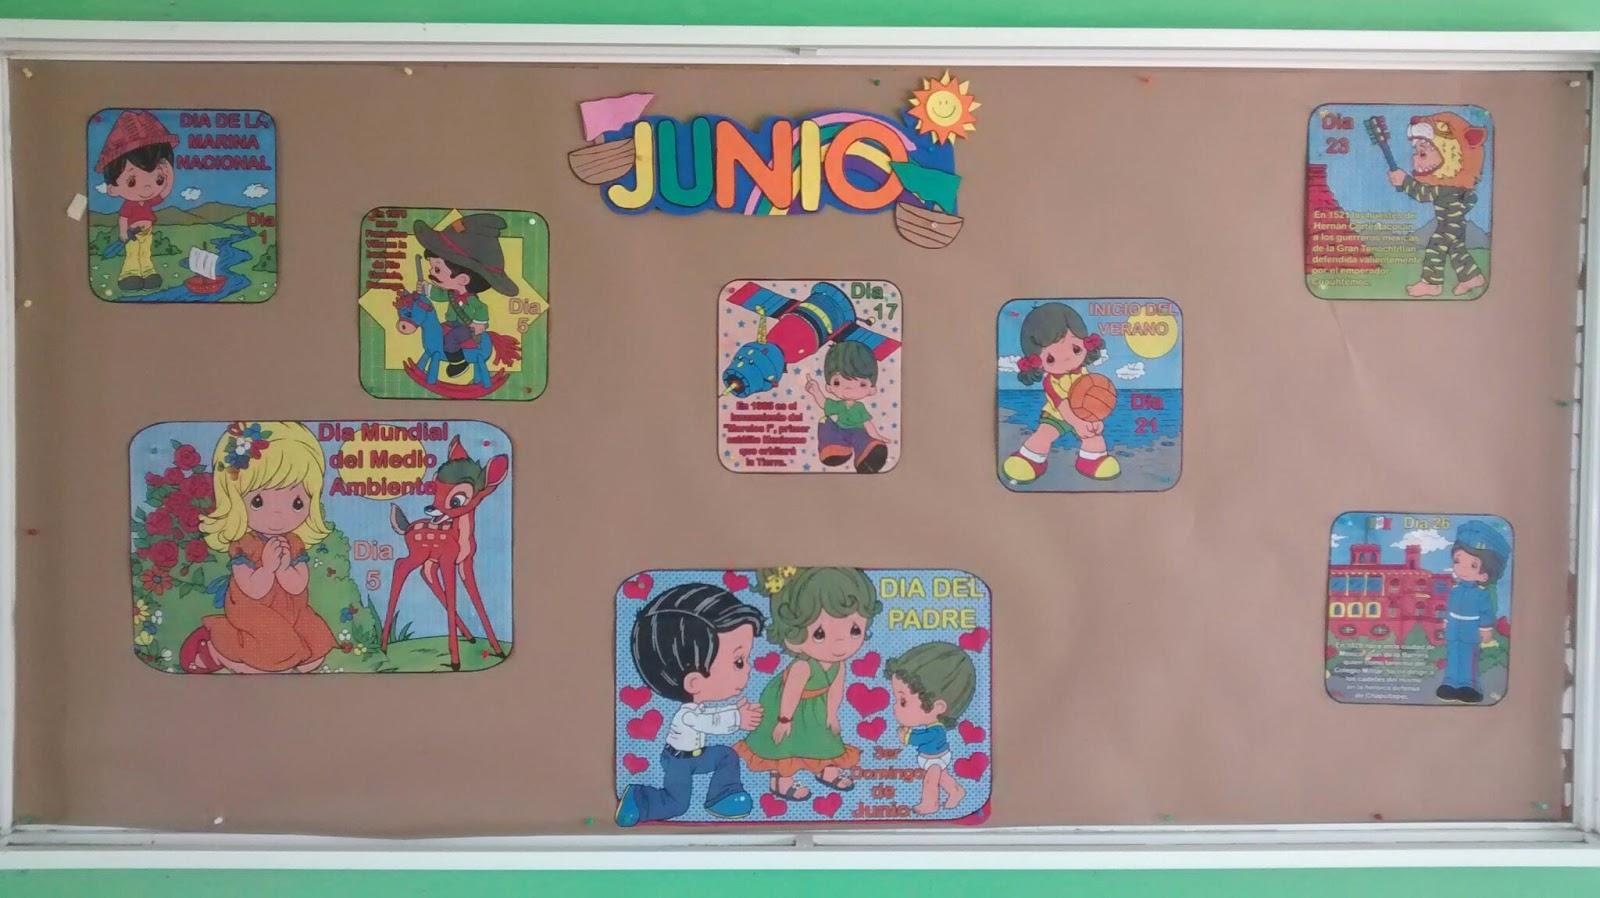 Peri dico mural mes de junio 3 imagenes educativas for Amenidades para periodico mural